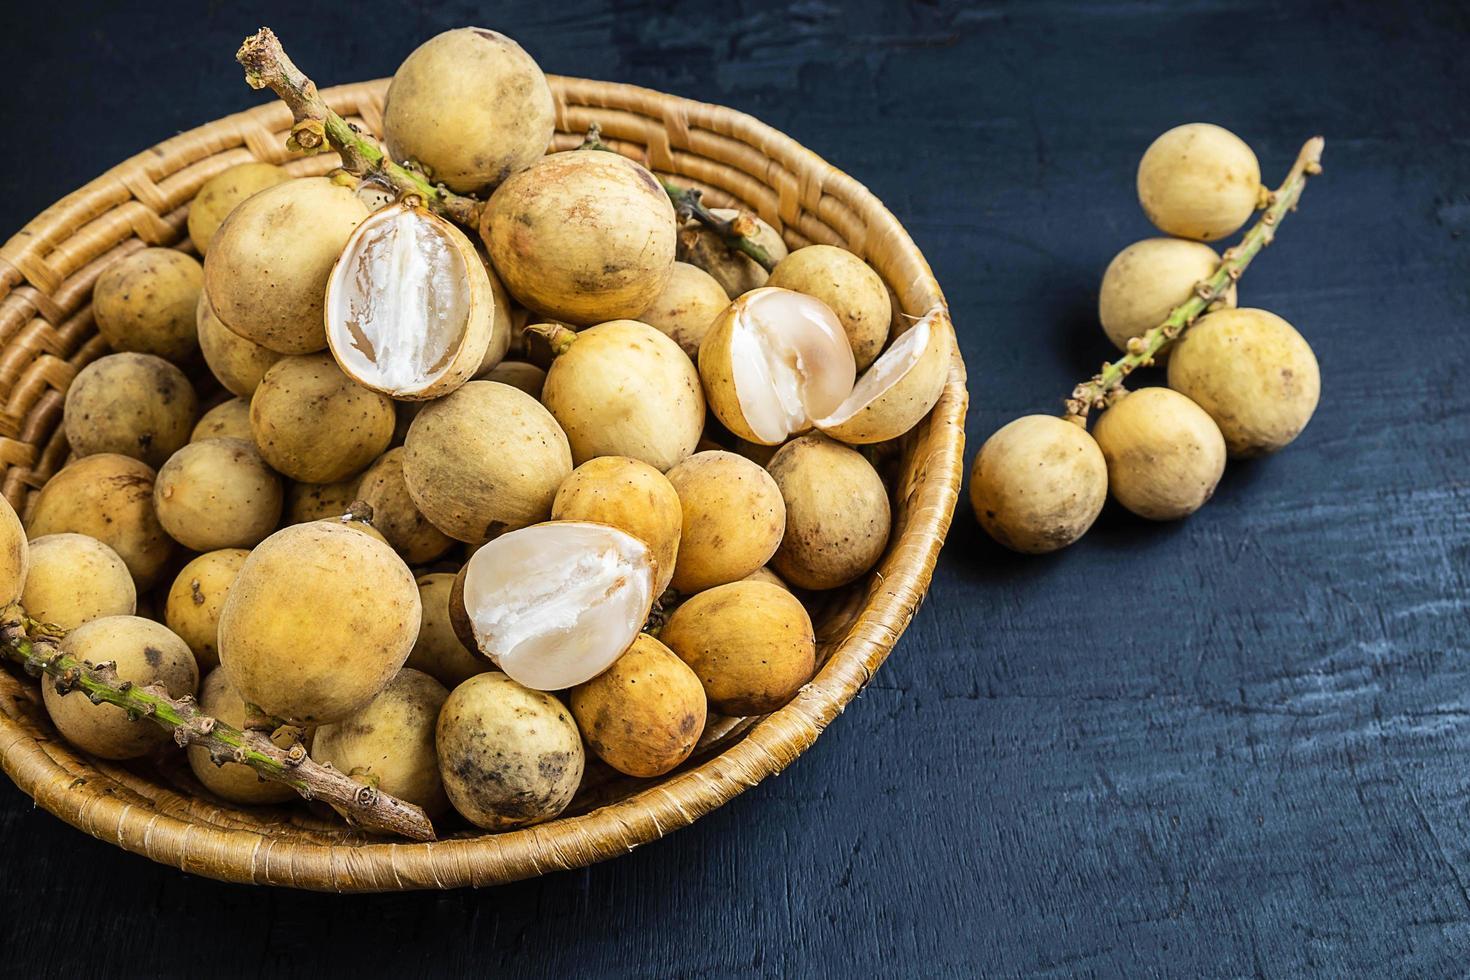 Longkong ou langsat fruits dans un panier en osier sur un fond de bois noir photo